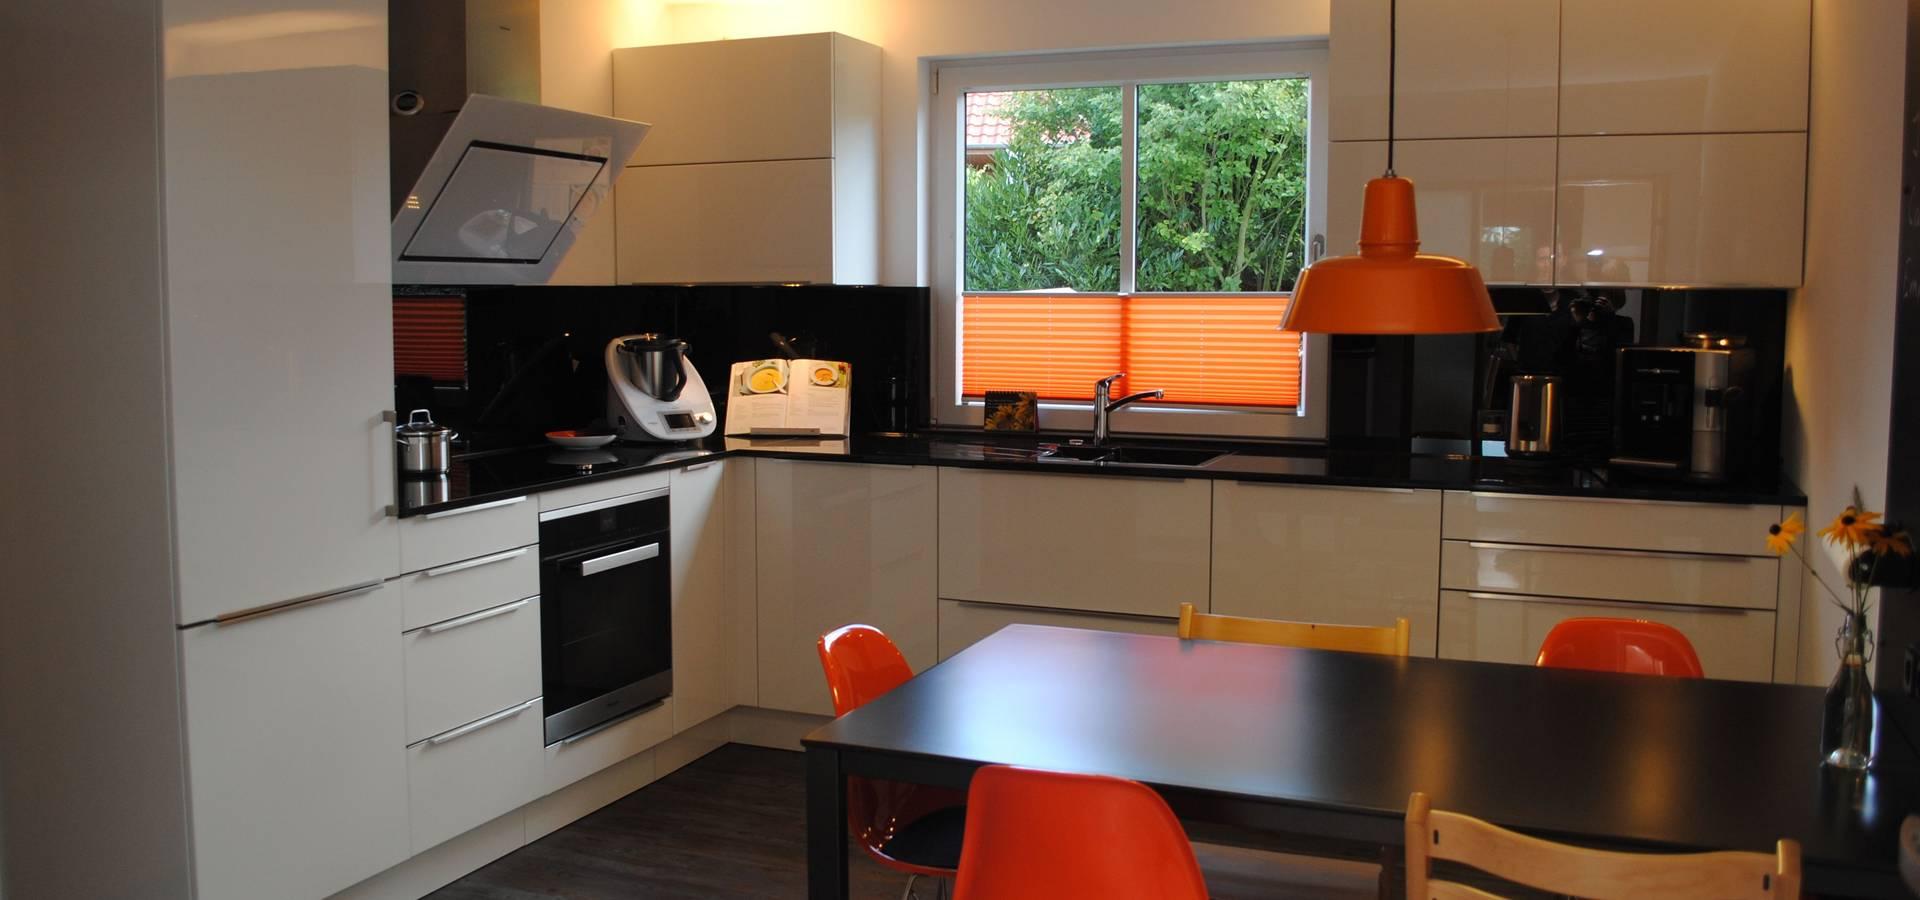 Sandra schauer raum design designers in b ckeburg homify for Raum design